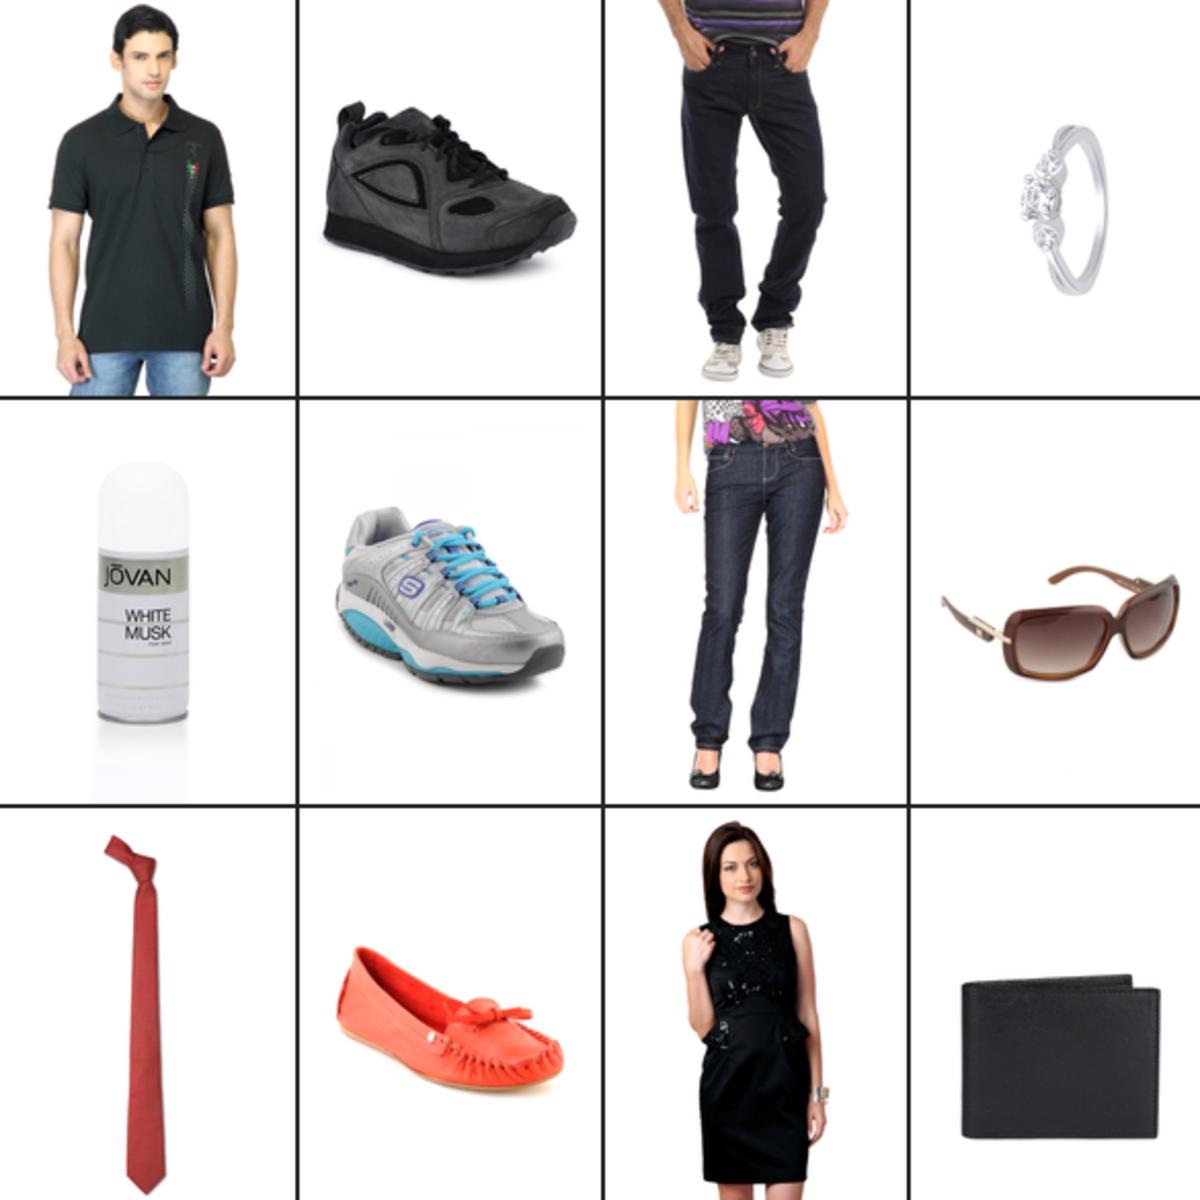 Fashion Product Images Dataset | Kaggle